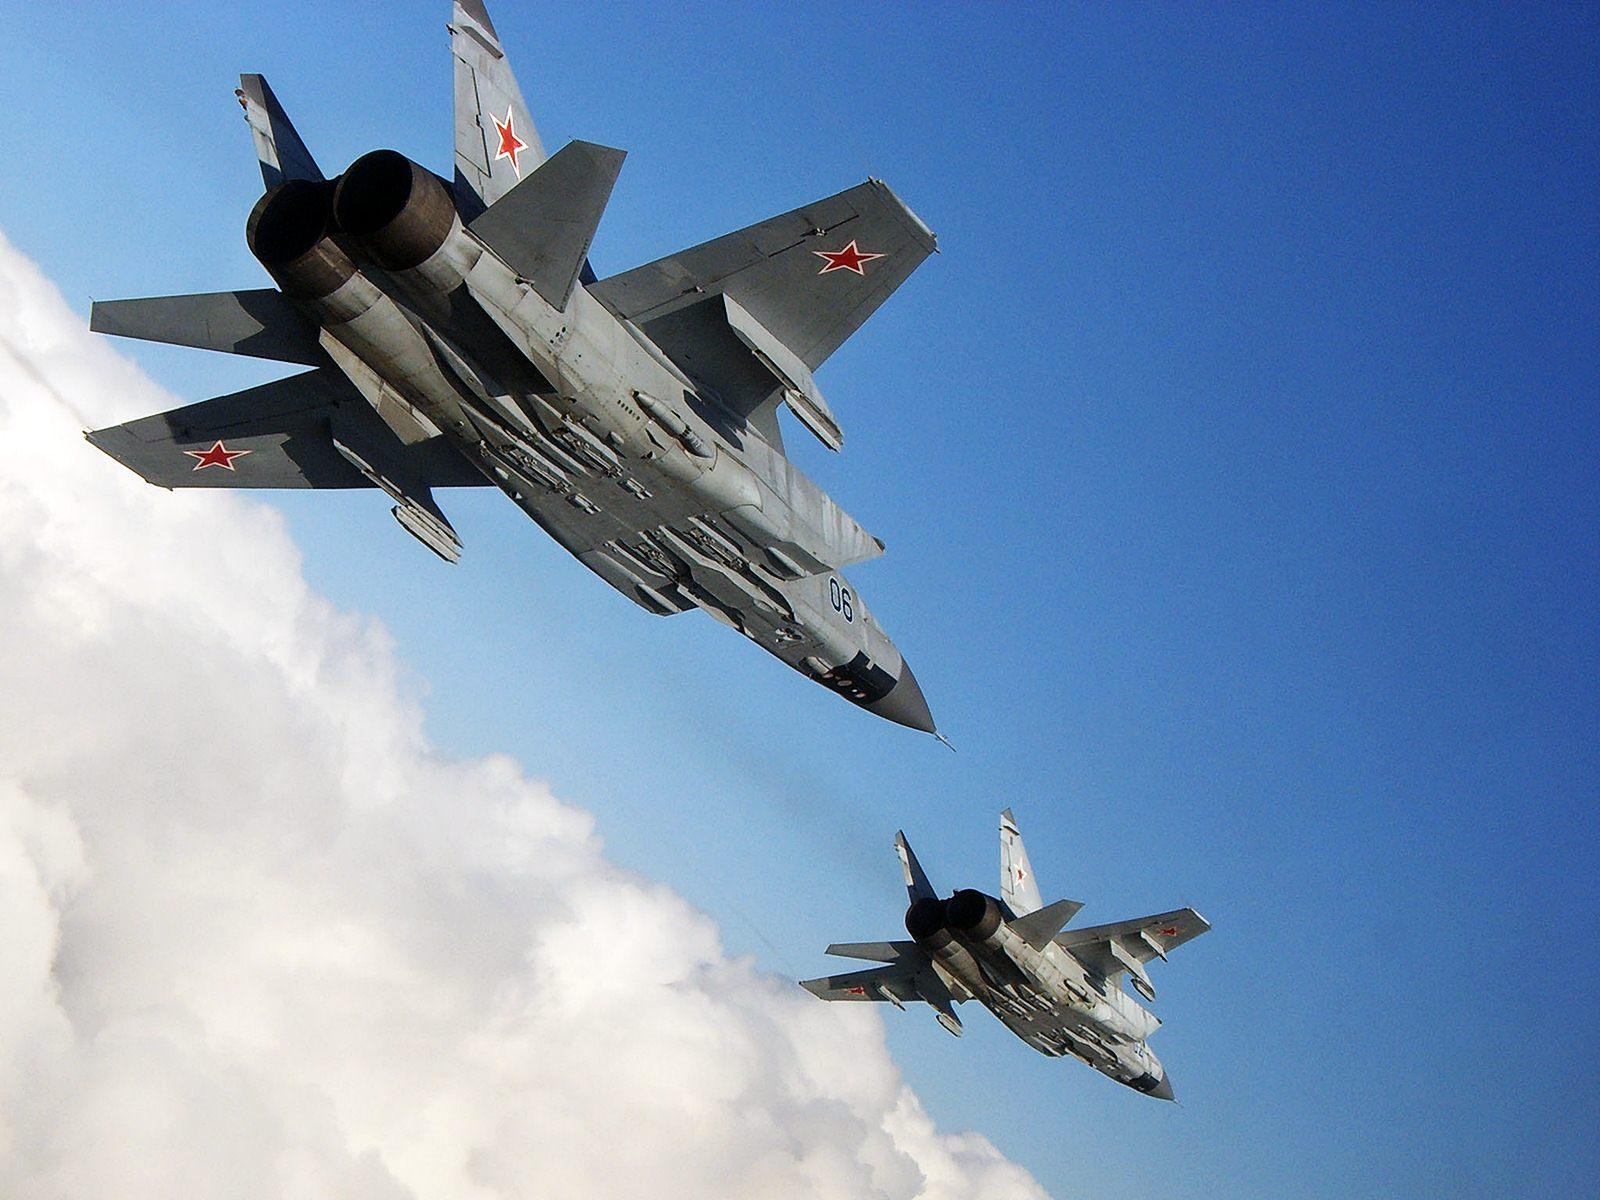 """الجيش الروسي يعزز قواته بـ10 مقاتلات مزودة بصواريخ """"كنجال"""" الفتاكة"""